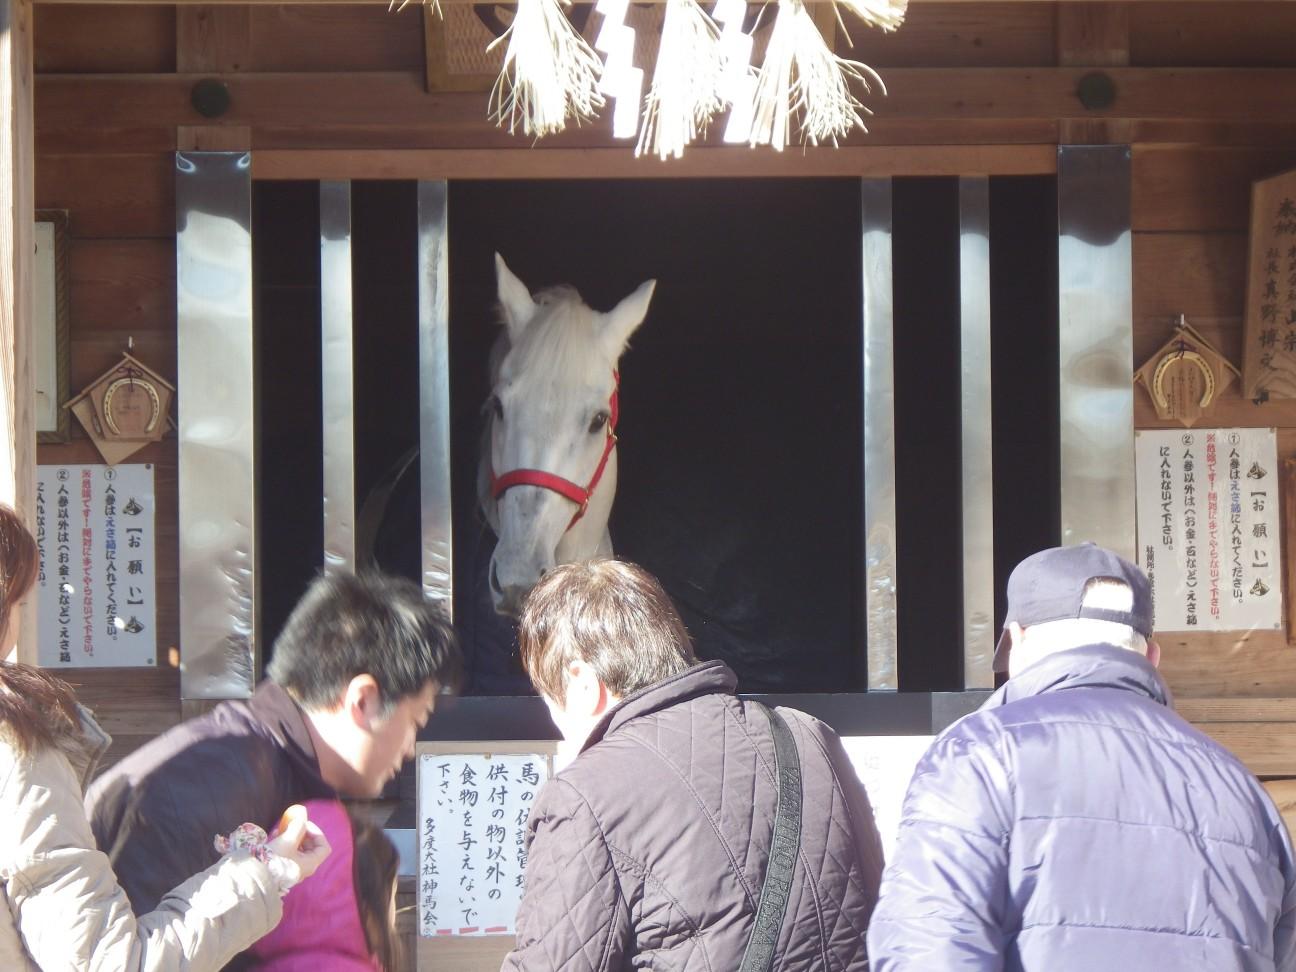 お馬さん、かわいい!